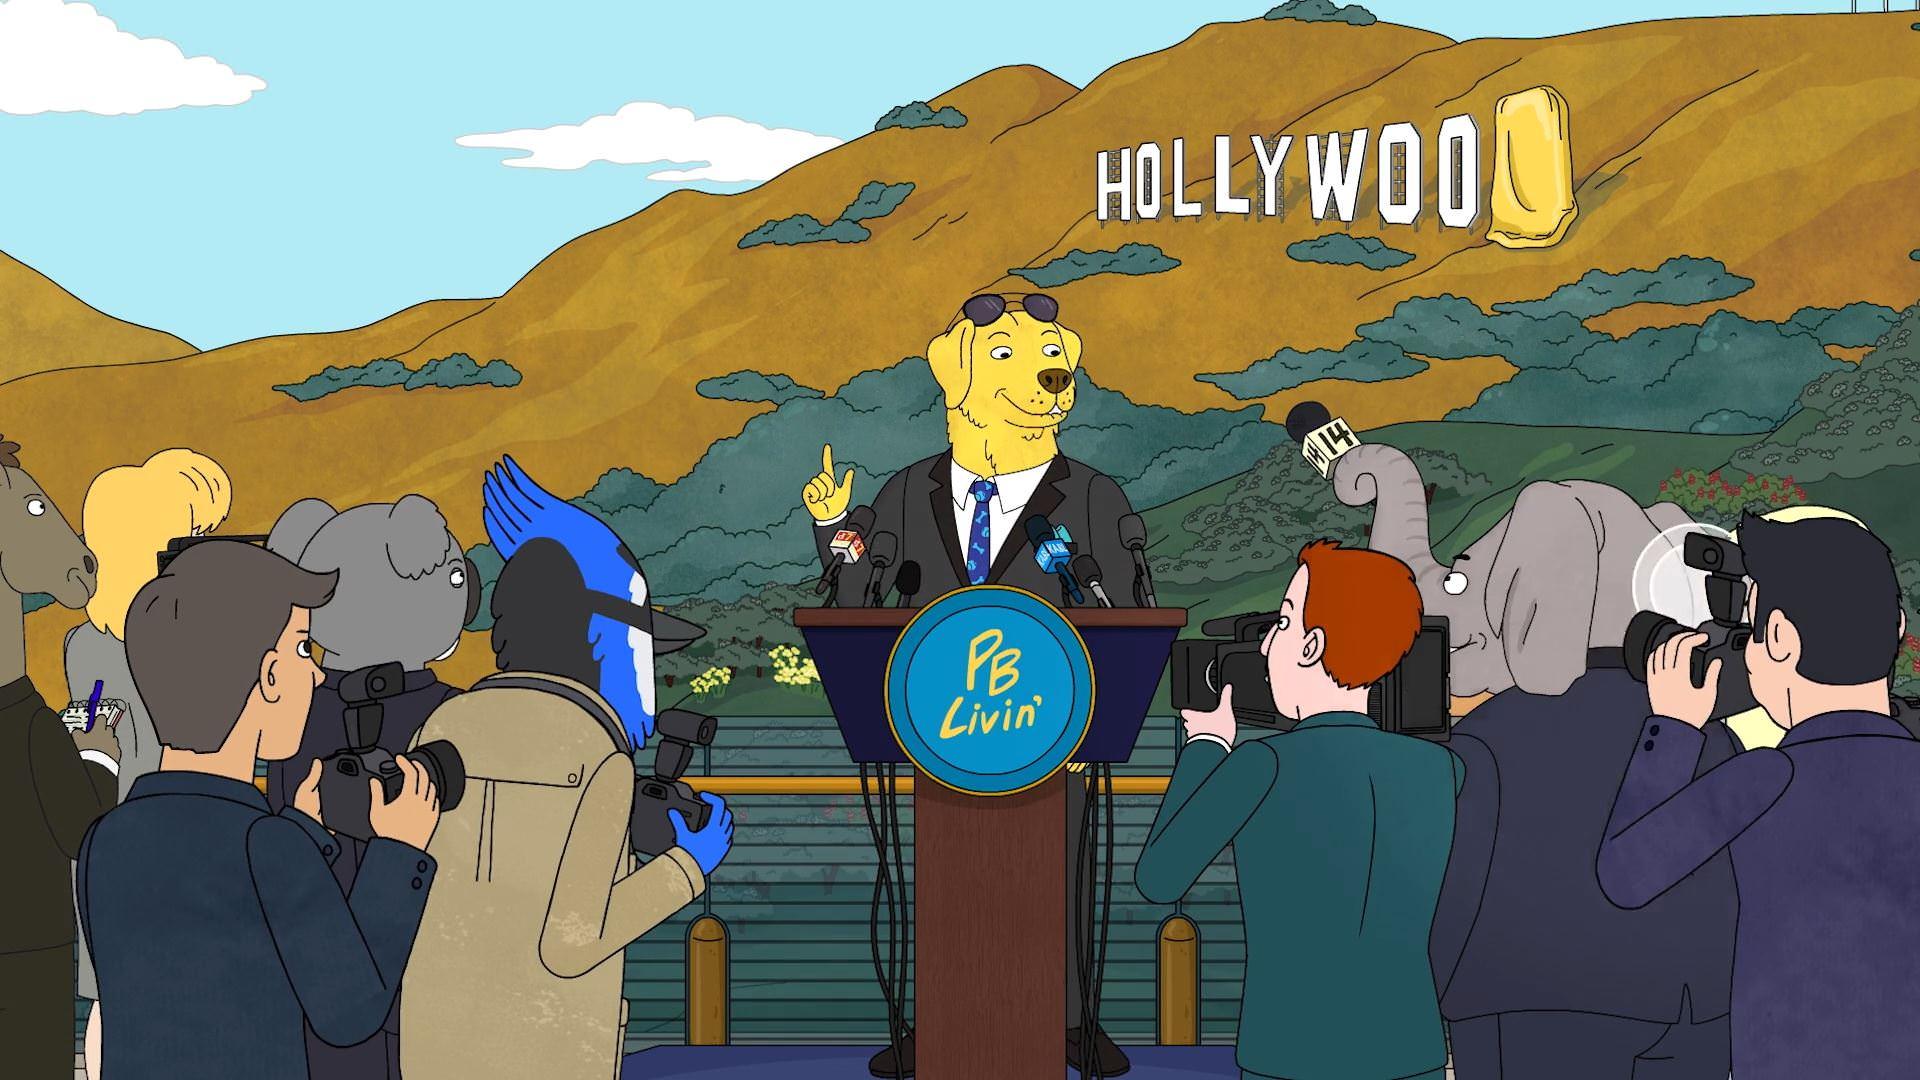 مستر پینات باتر از لوگوی هالیوود رونمایی میکند  بوجک هورسمن